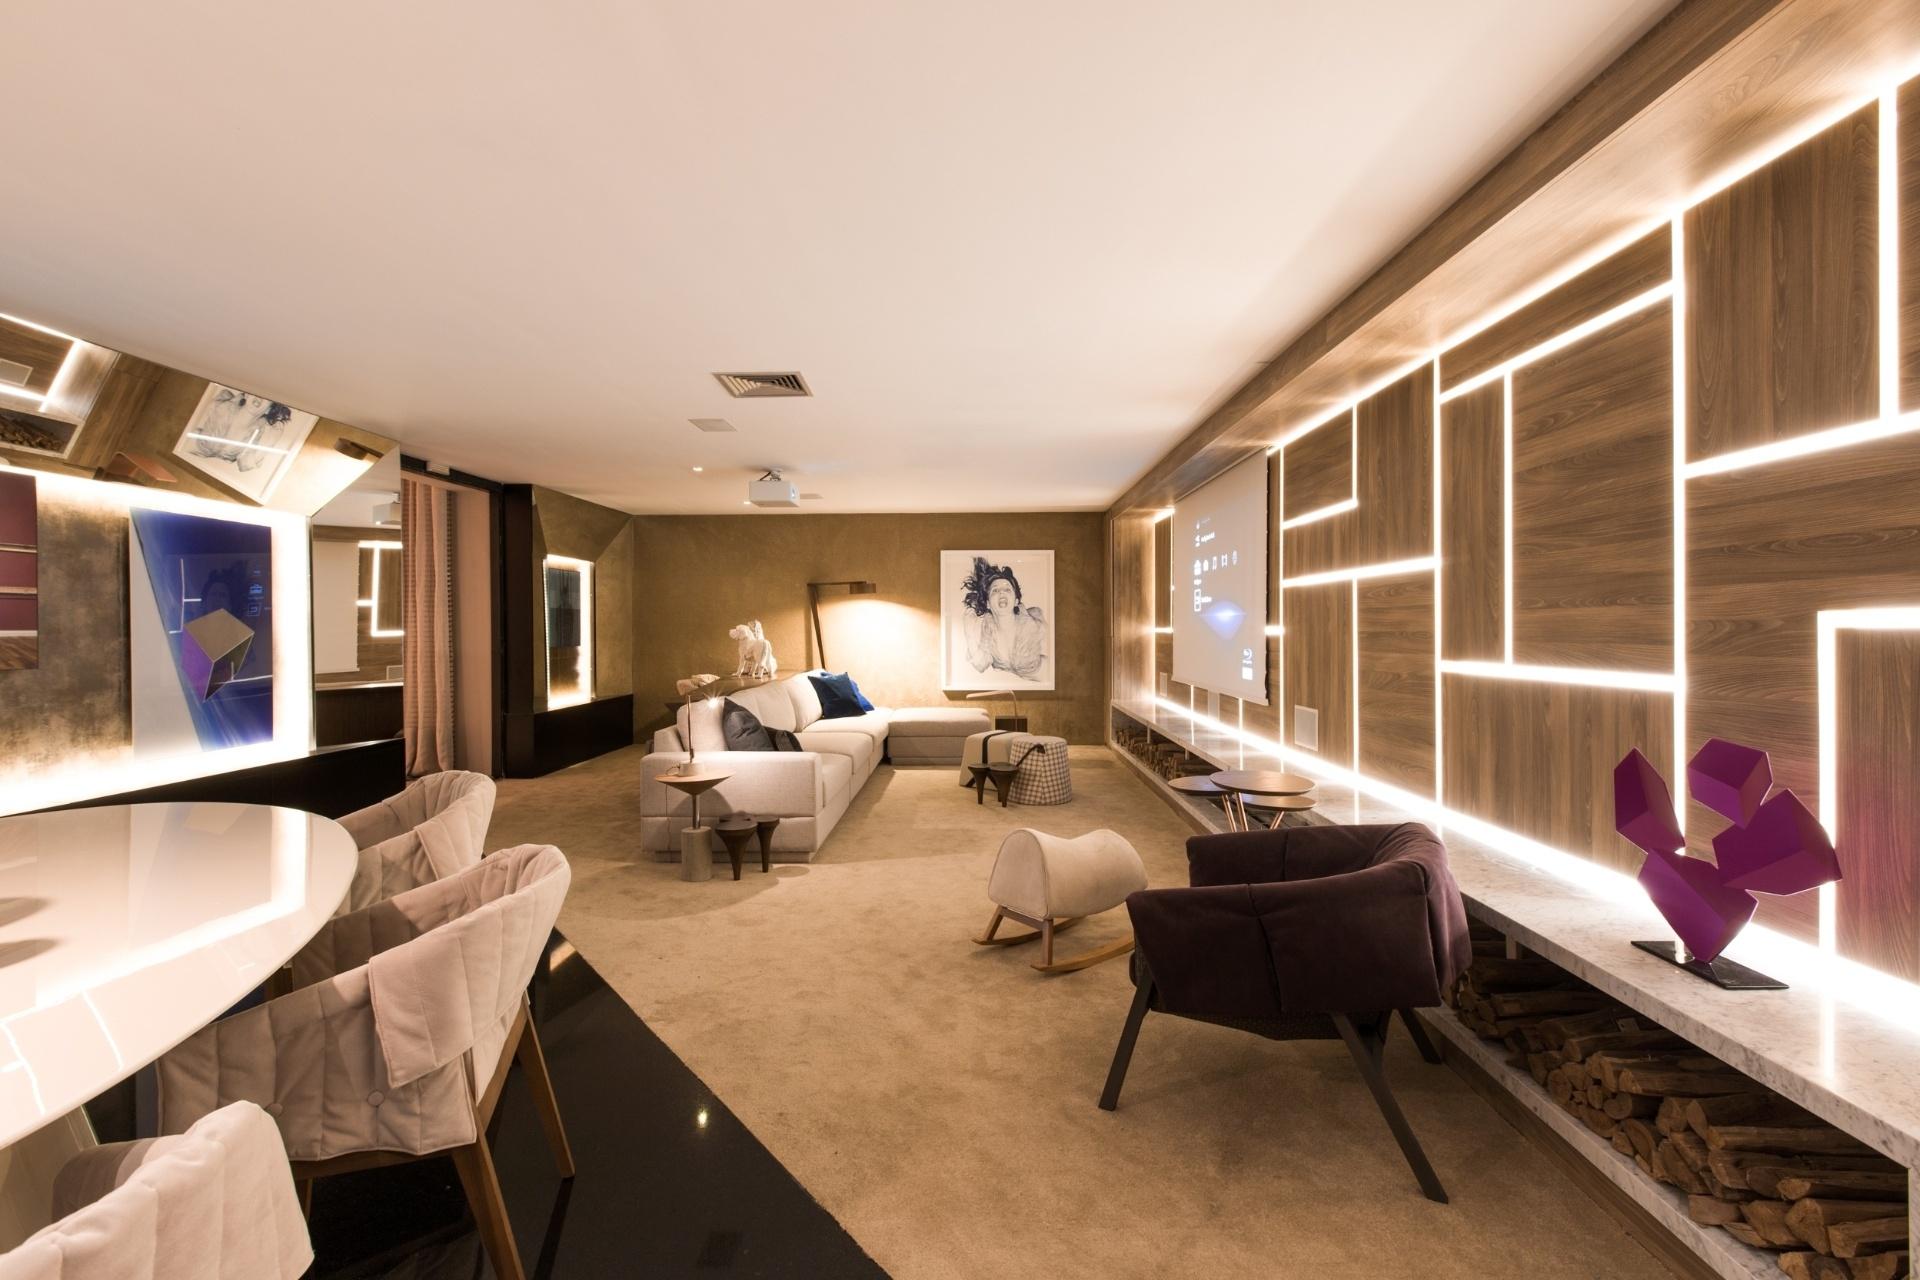 Jogos De Decorar Sala De Jantar De Luxo : Interior Design Per La Casa. #915F3A 1920 1280